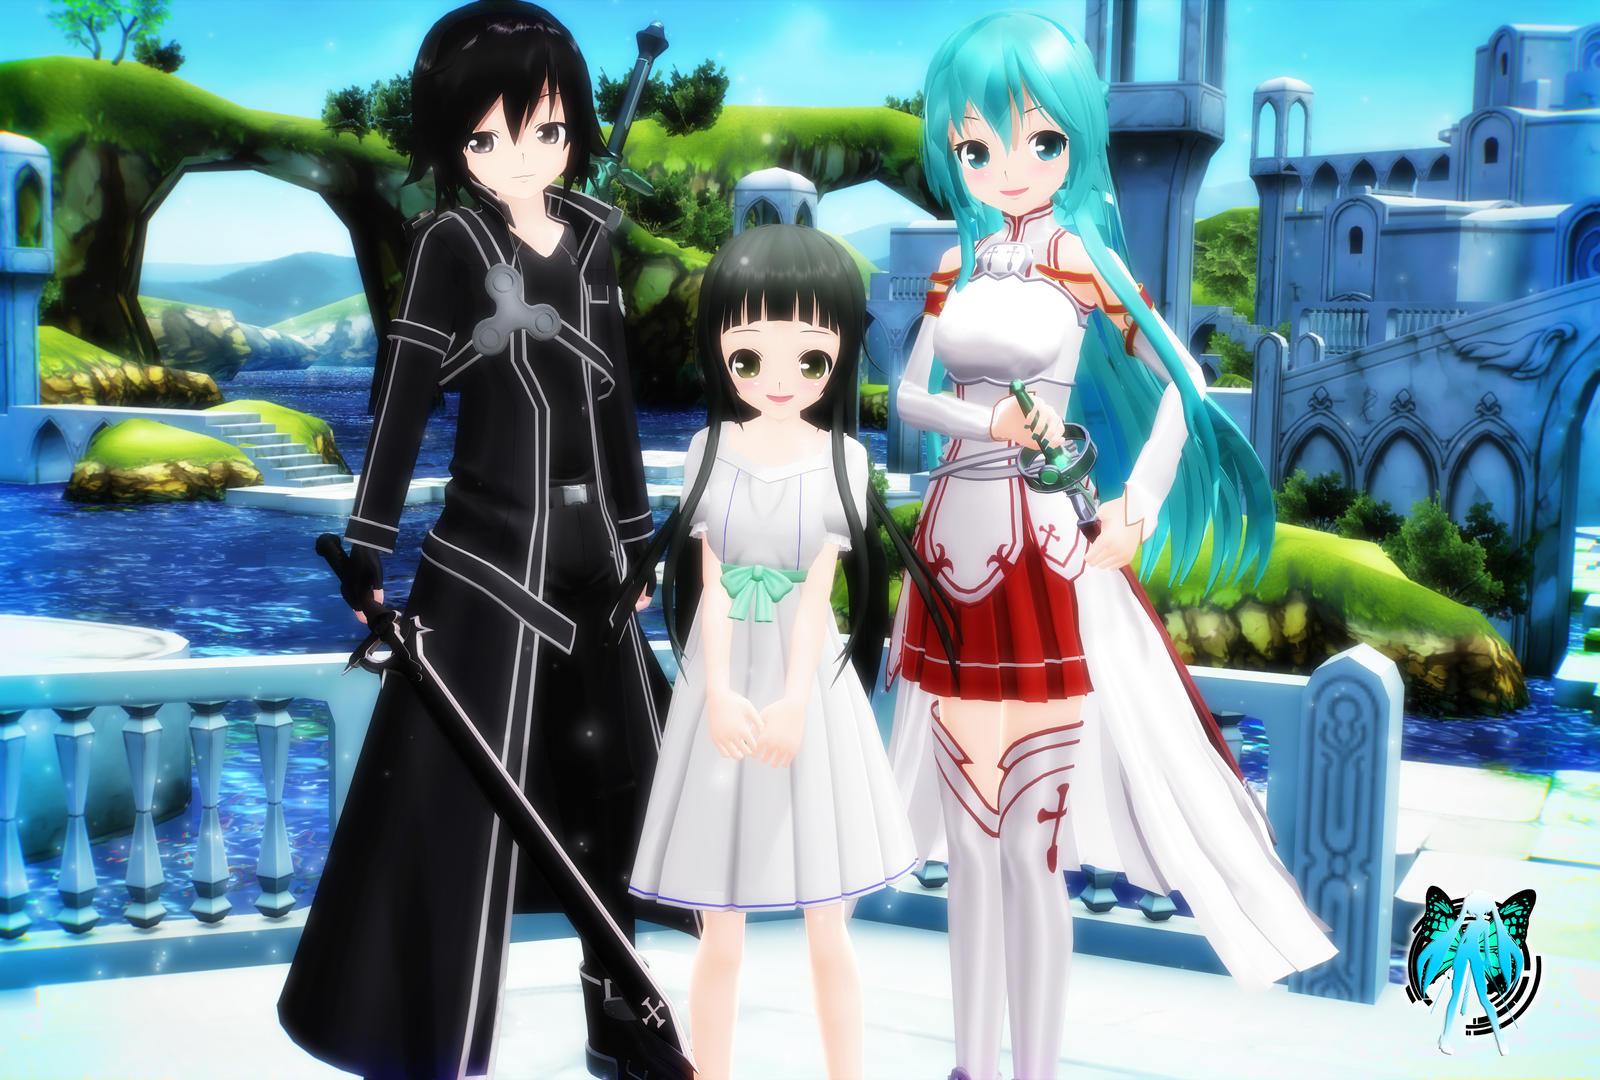 Dress up games favourites by asuna and kirito on deviantart - Godzillakari 16 1 Sword Art Online Family By Xxsefa